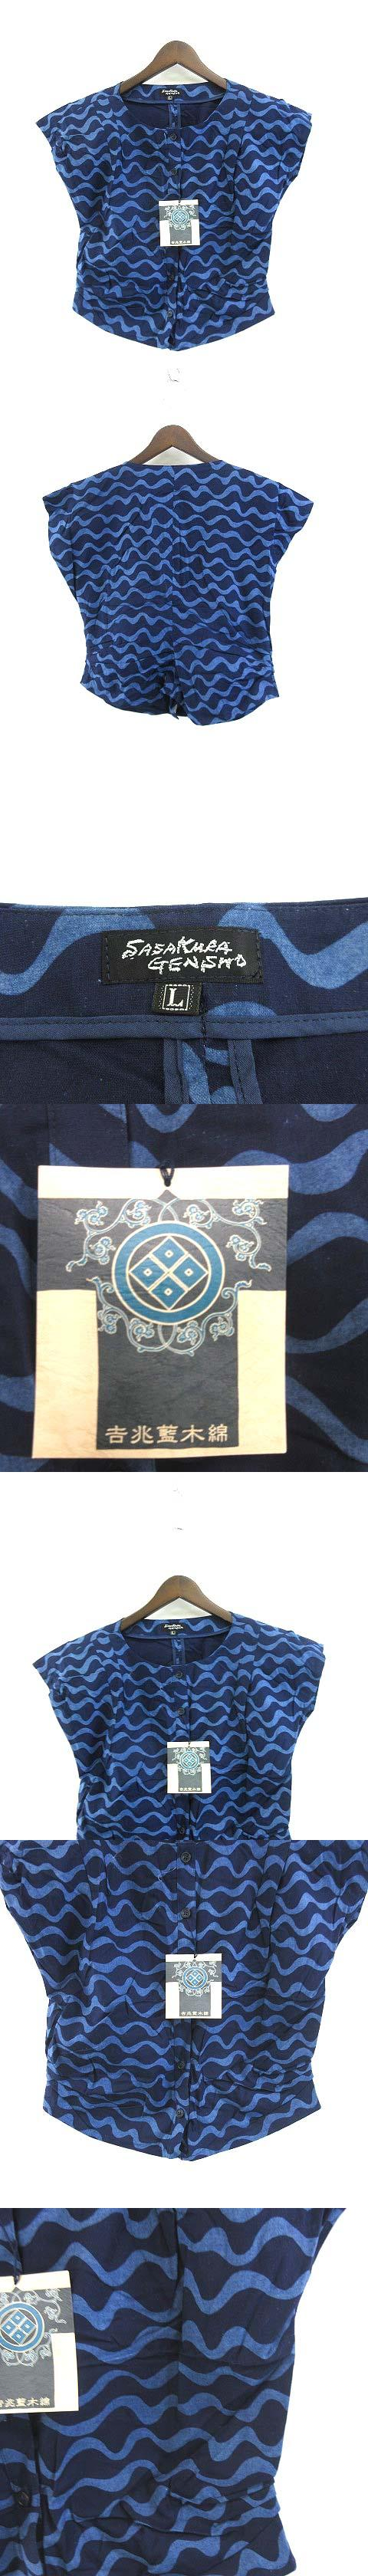 笹倉玄照堂 吉兆藍木綿 シャツ 半袖 縞模様 総柄 藍染 紺 ネイビー L 33802 0123